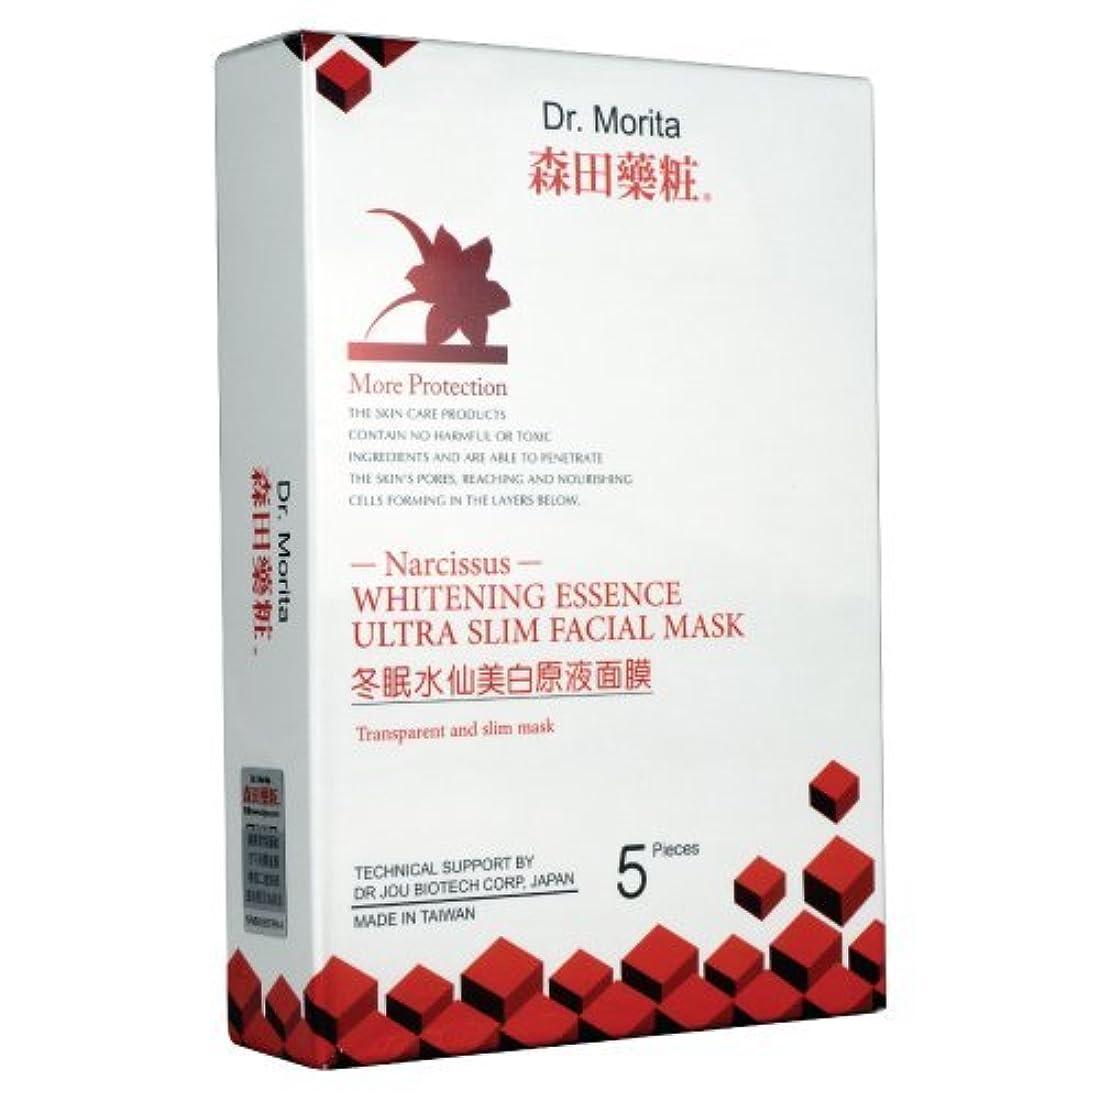 アクセル餌動Doctor Morita ナルシス白いマスク-5薄い皮膚の傷に、皮膚若々しく、健康な状態を保つ美白含まれています